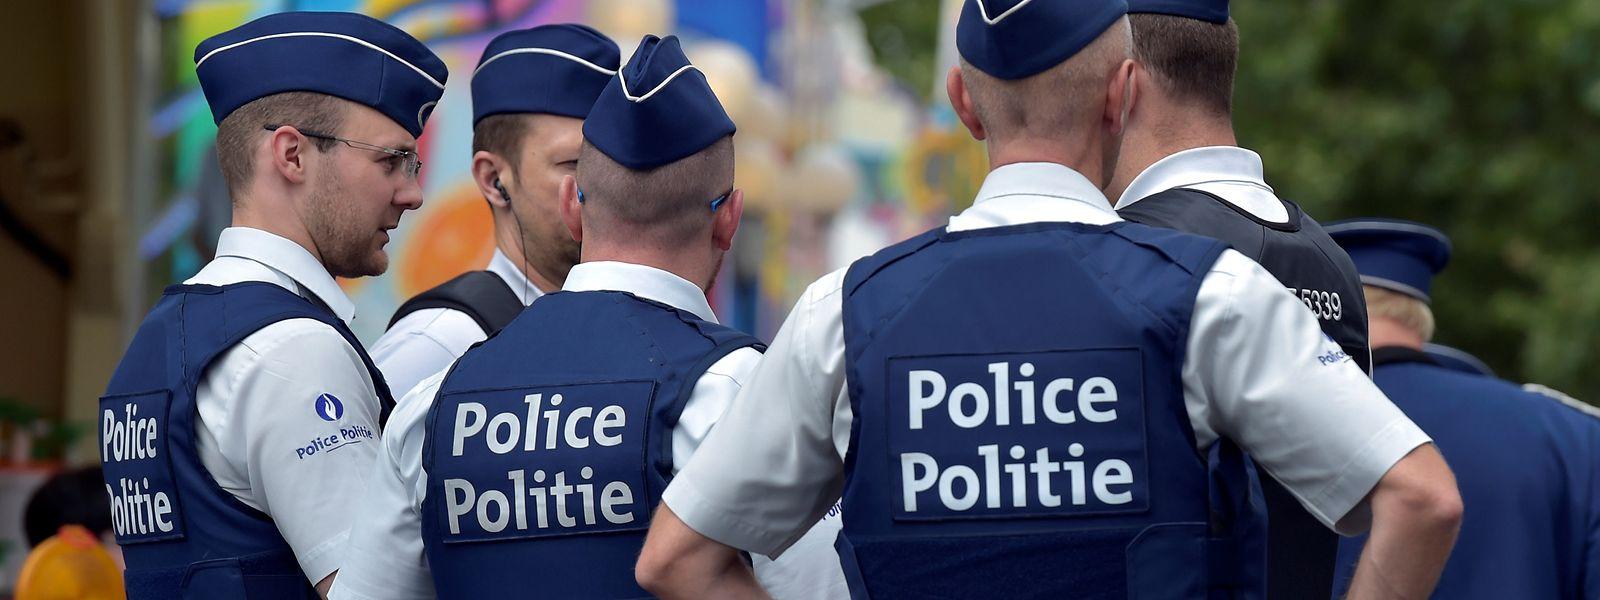 Die belgische Polizei musste in Corona-Zeiten unter schwierigen Umständen ermitteln.